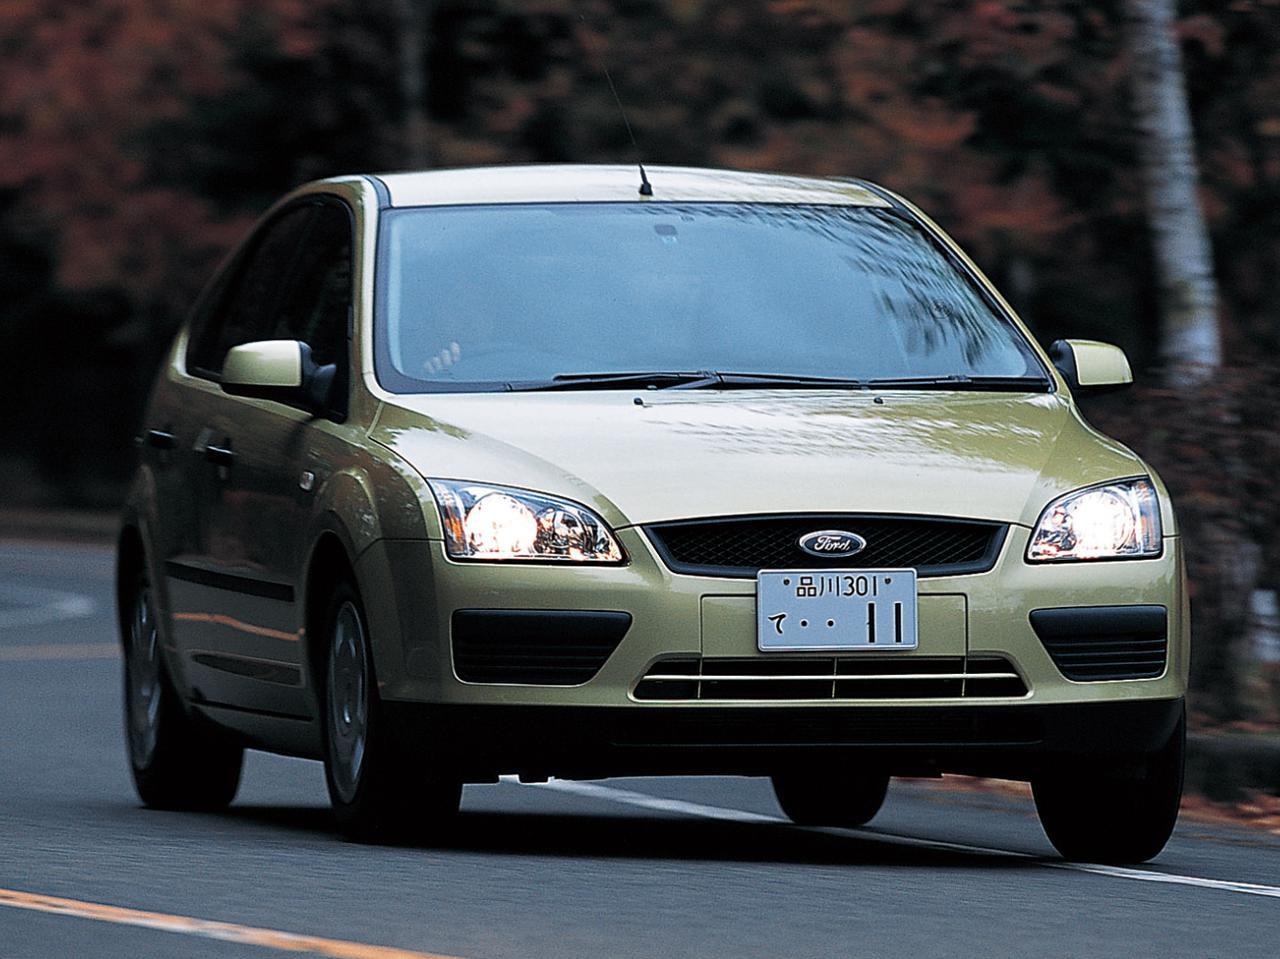 【ヒットの法則137】2代目フォード フォーカスは地味な存在ながら実力はハイレベルだった